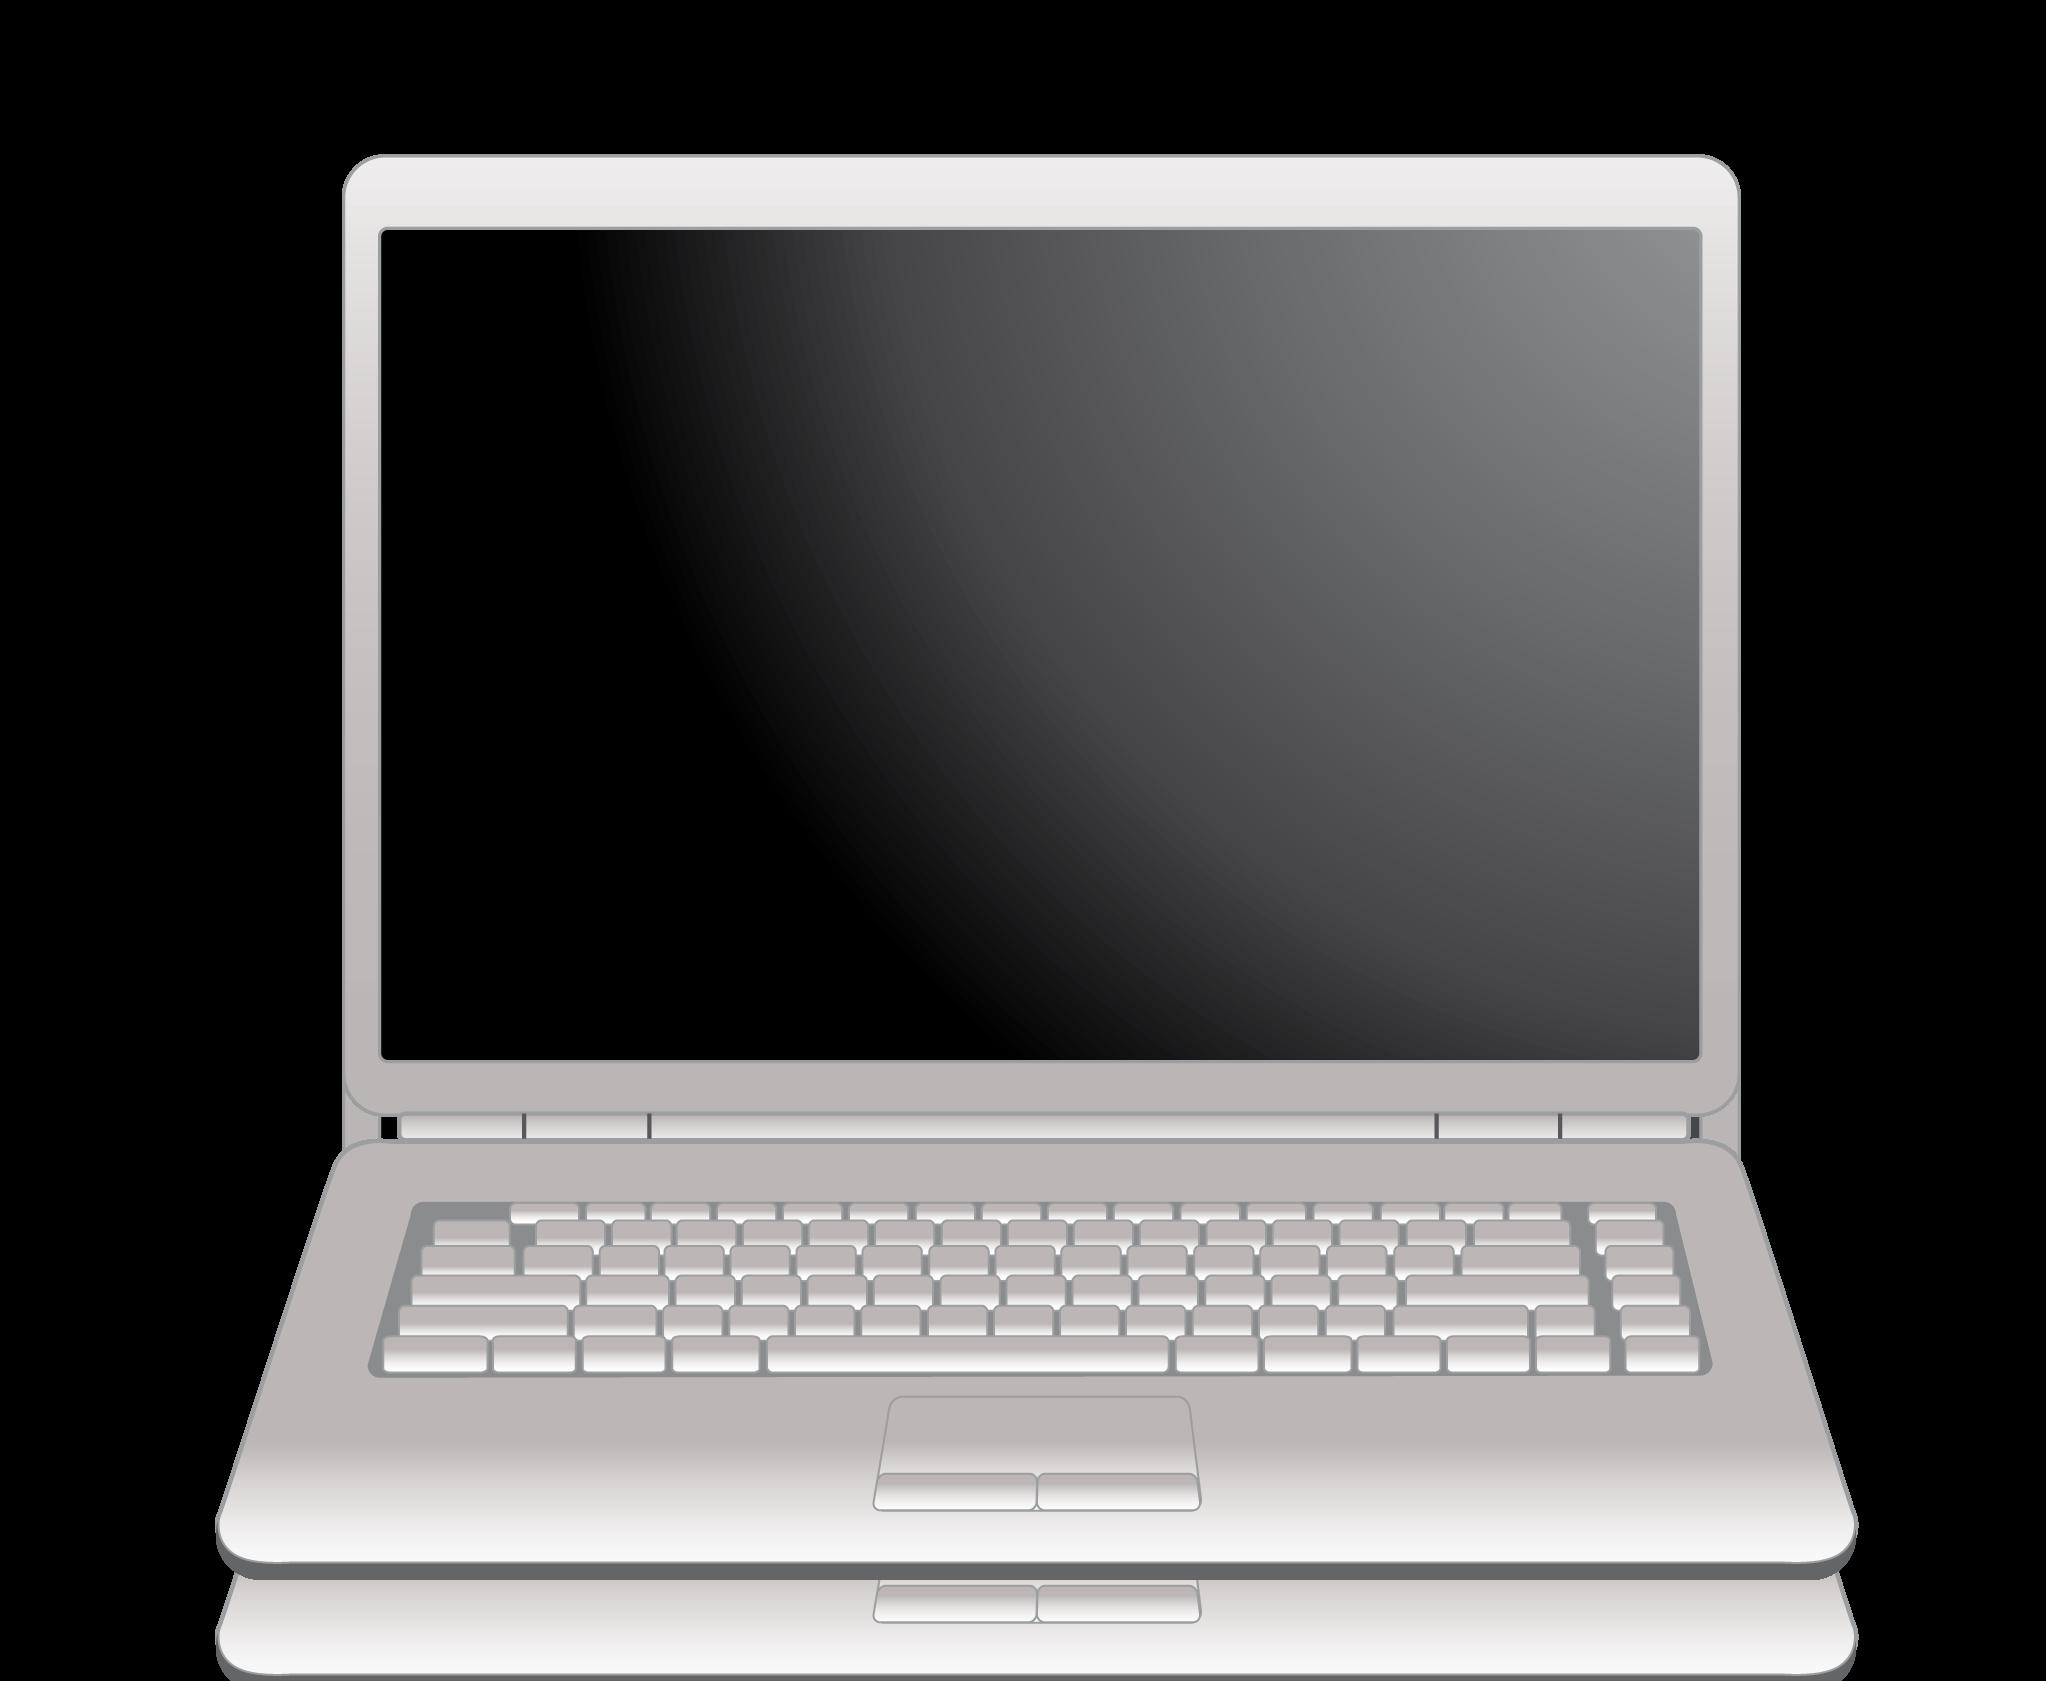 Free PNG Laptop - 44482